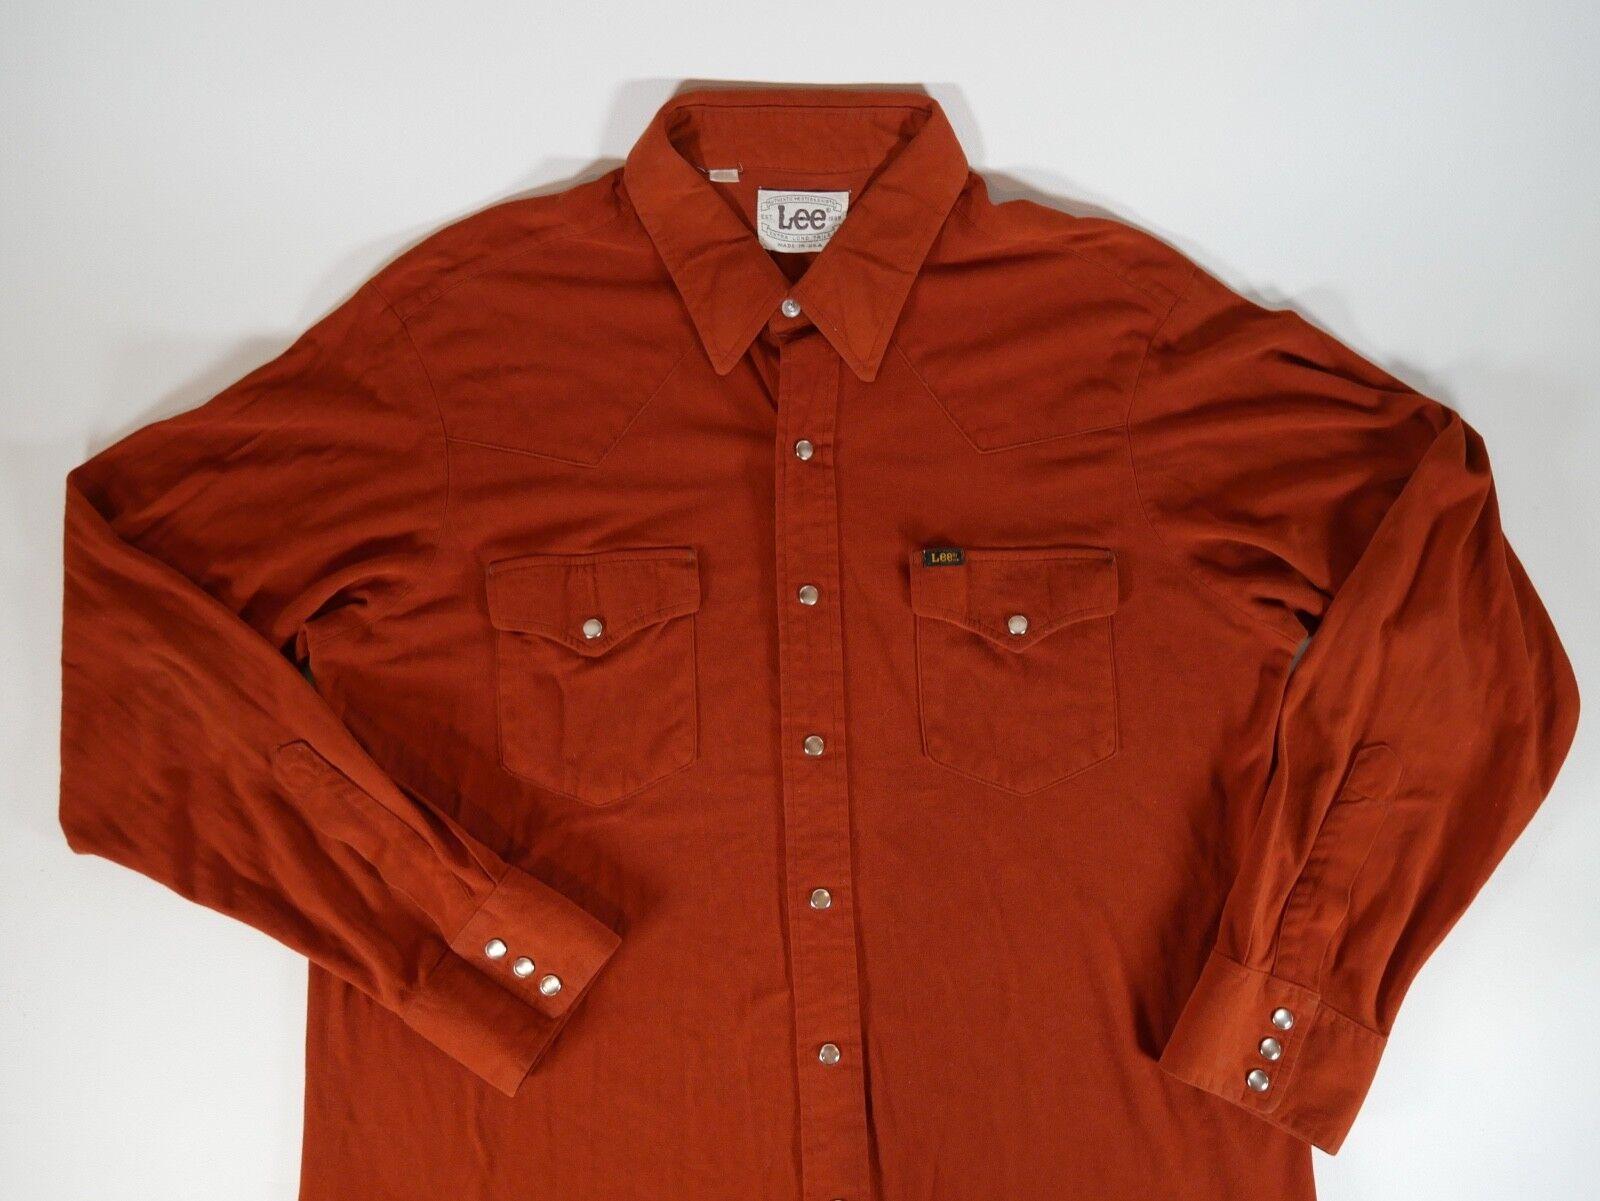 Vintage 70s  Lee Western Extra Larga Cola Perla Snap Botones Para Hombre Hecho en EE. UU.  Ven a elegir tu propio estilo deportivo.